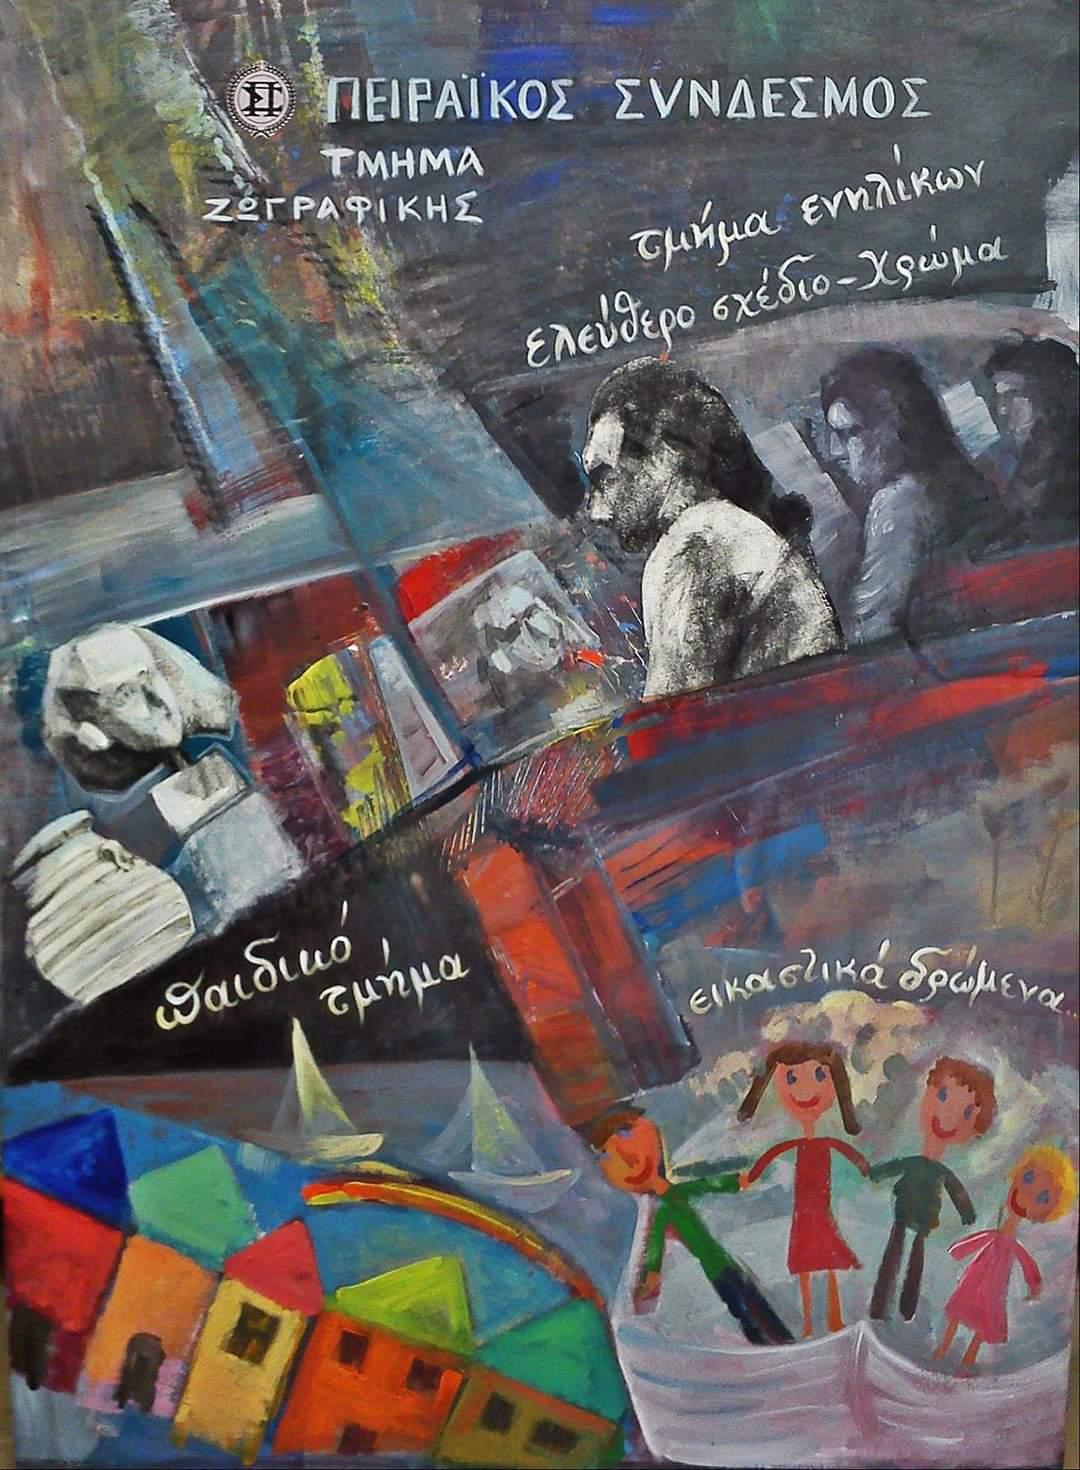 """ΤΜΗΜΑ ΖΩΓΡΑΦΙΚΗΣ _ ΟΙ ΕΓΓΡΑΦΕΣ ΑΡΧΙΣΑΝ !!! Πρώτη συνάντηση Παρασκευή 25/09/2020_Ώρα 19:00μμ  στον 4ο όροφο του """"Μεγάρου του Πειραϊκού Συνδέσμου – Πολυχώρος Εκπαίδευσης & Πολιτισμού"""""""